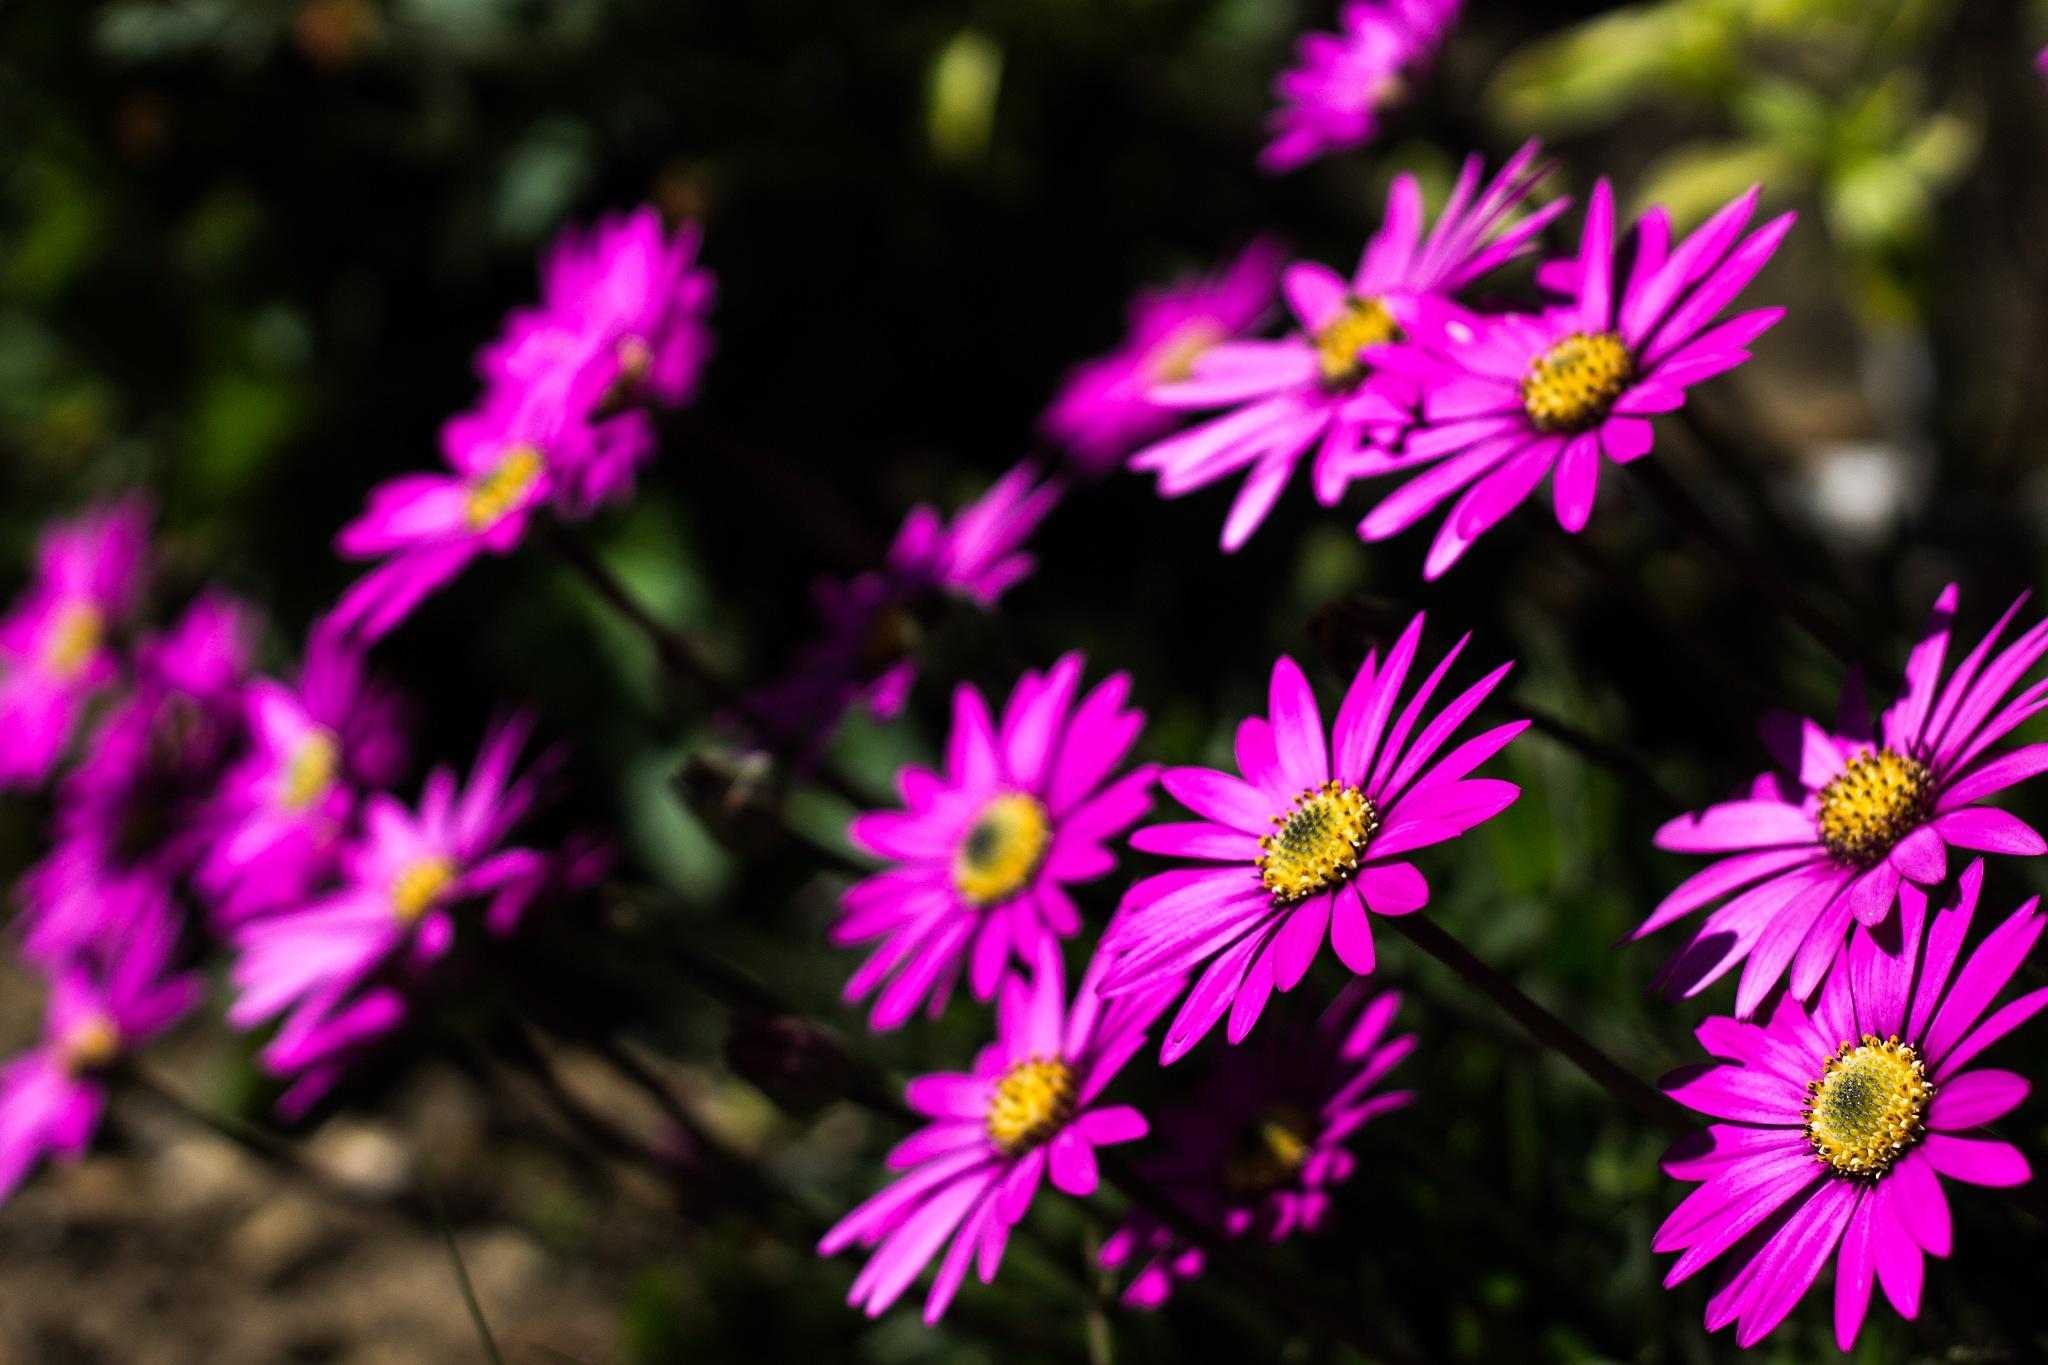 Flowers by Piotr Krzeminski